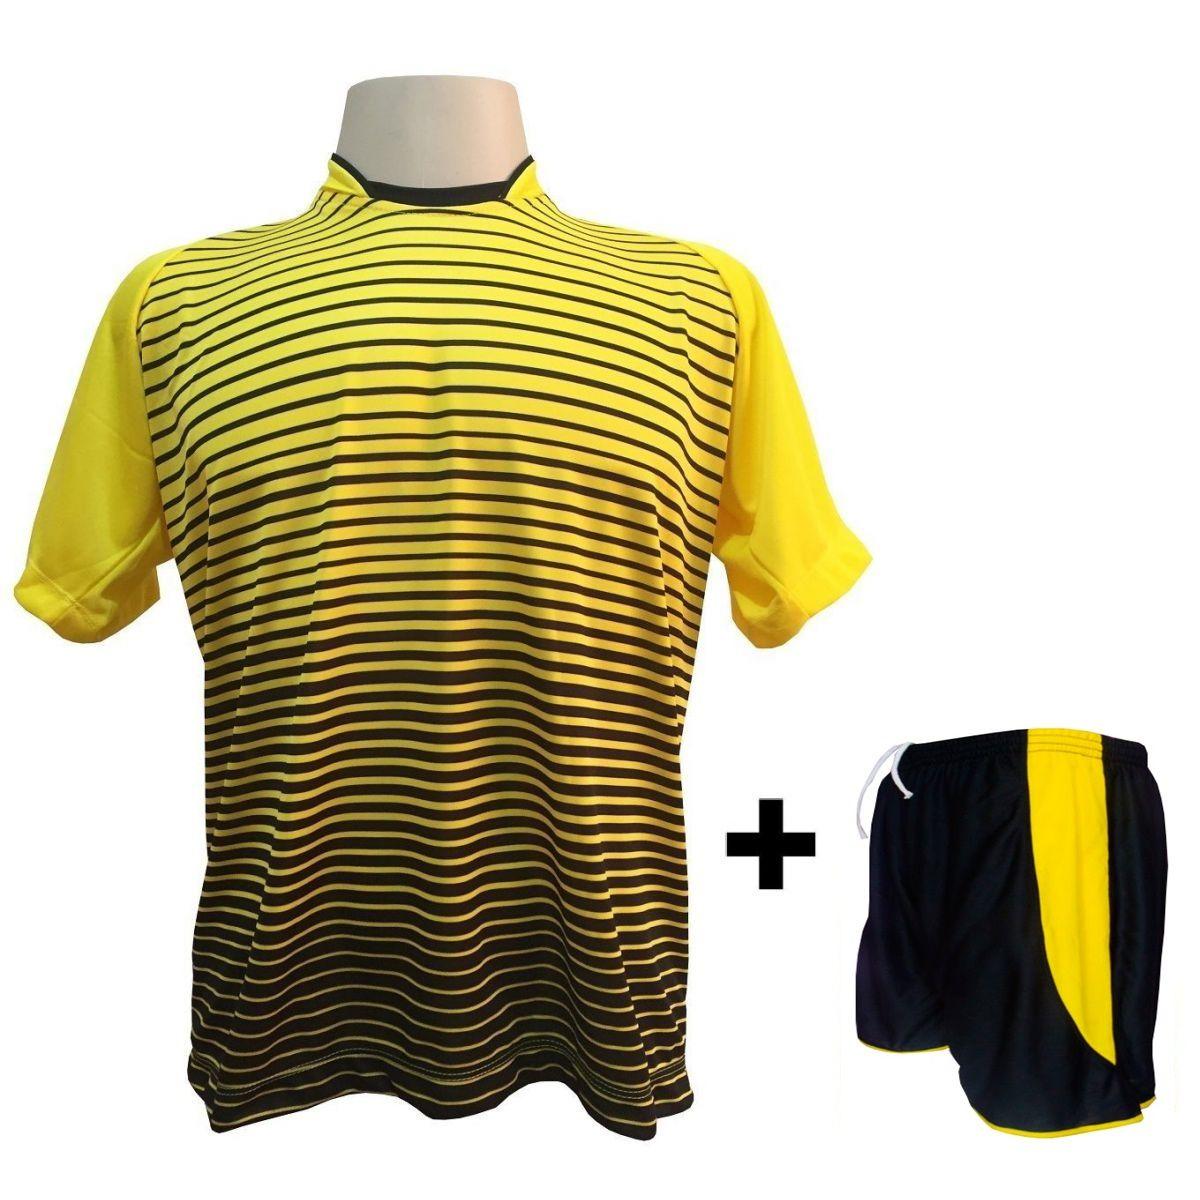 Uniforme Esportivo com 18 camisas modelo City Amarelo/Preto + 18 calções modelo Copa + 1 Goleiro + Brindes